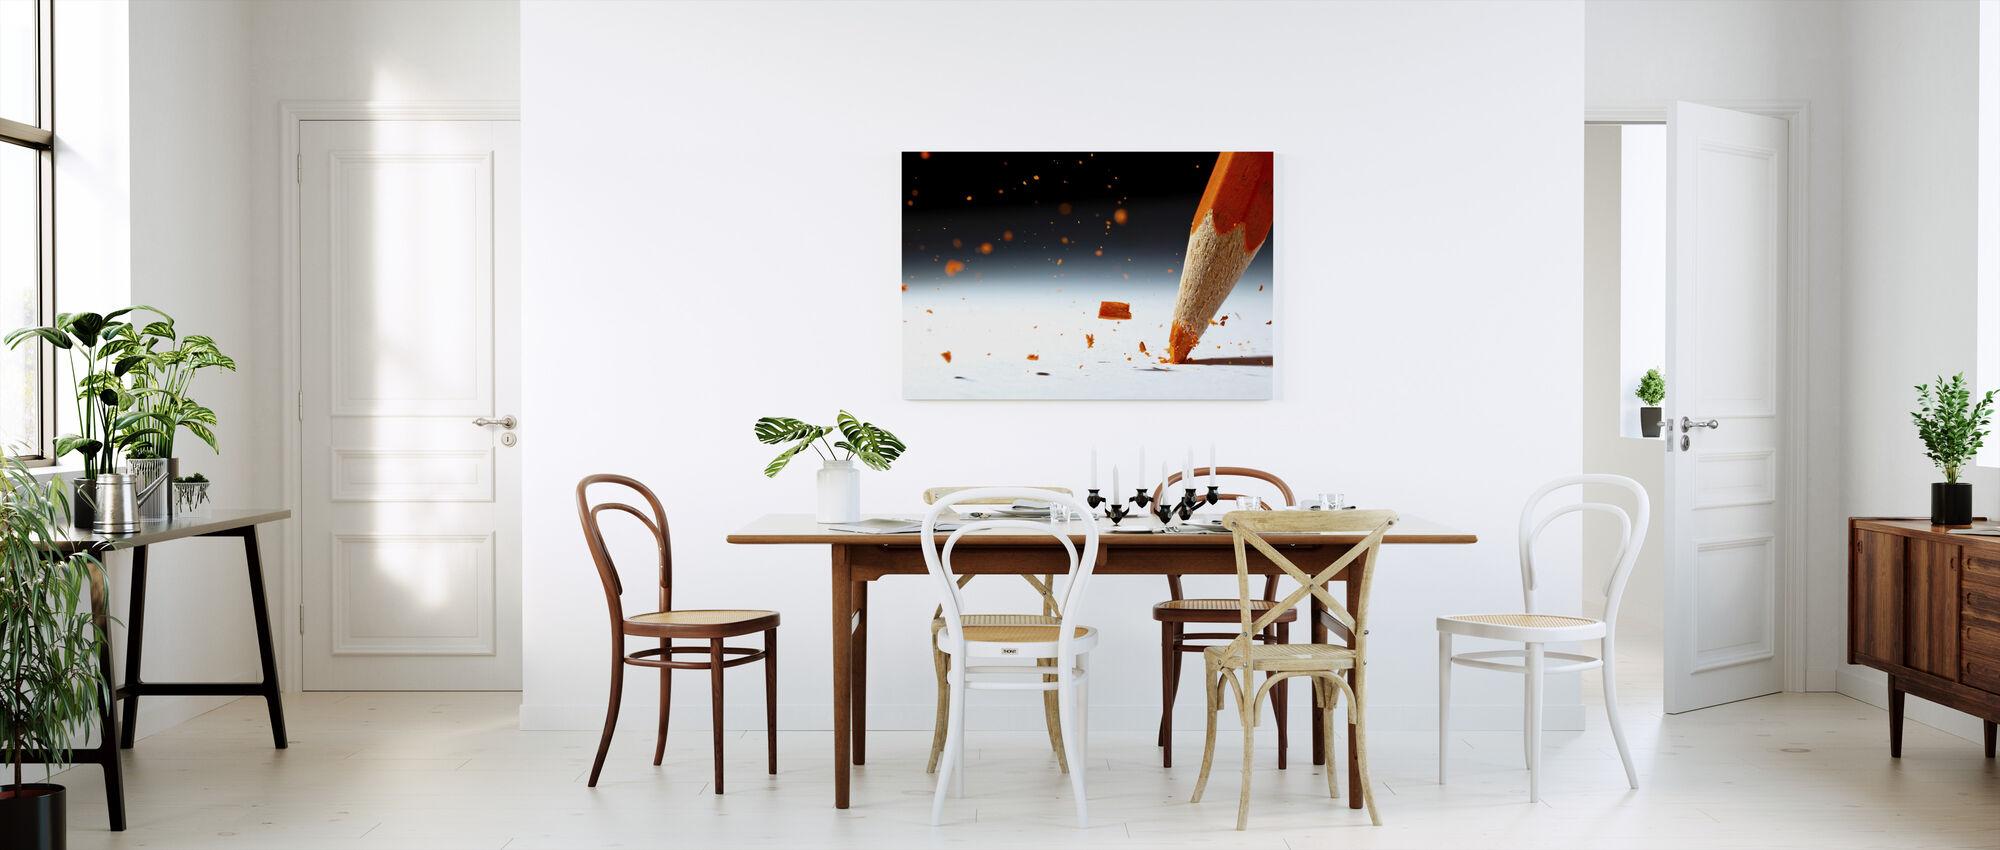 Let it Rain - Canvas print - Kitchen